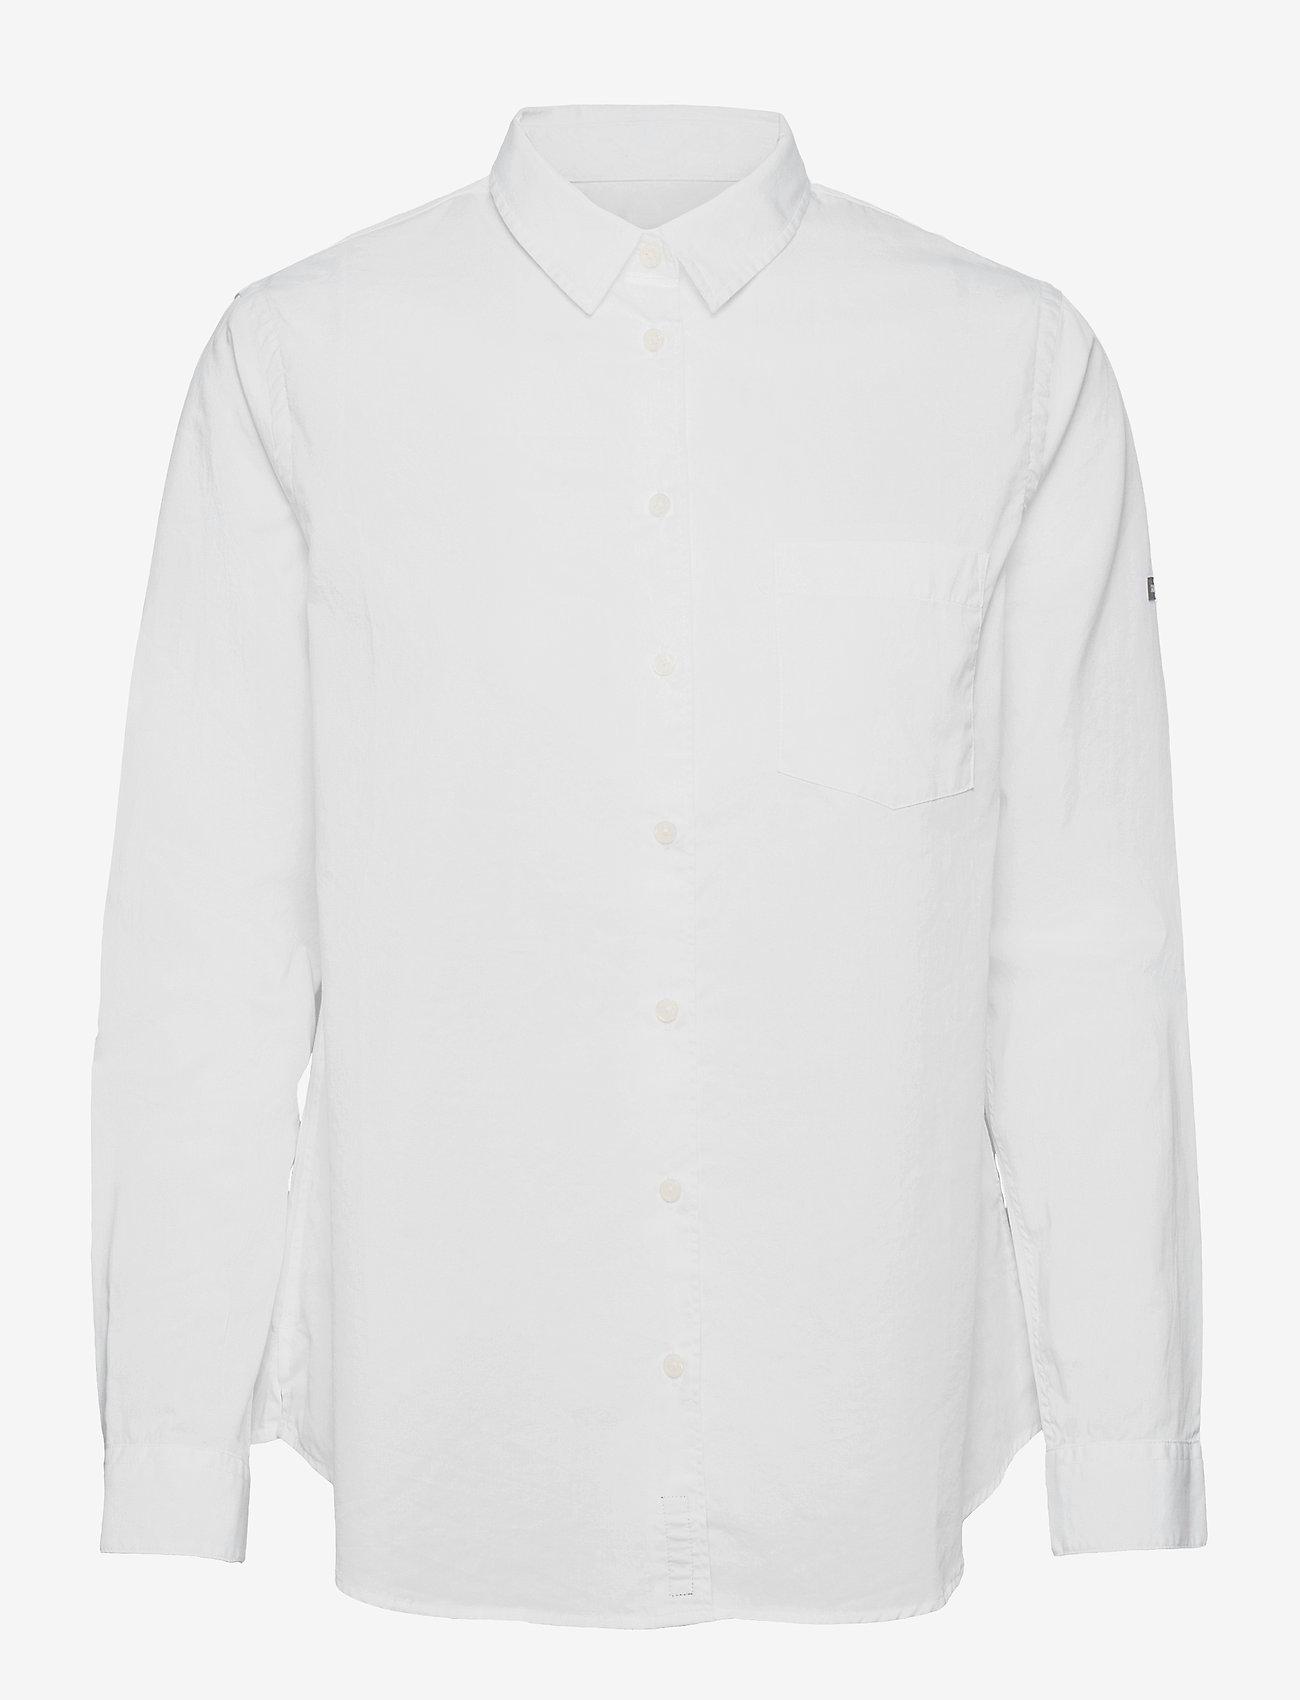 Superdry - MODERN TAILOR LS SHIRT - langærmede skjorter - optic - 0